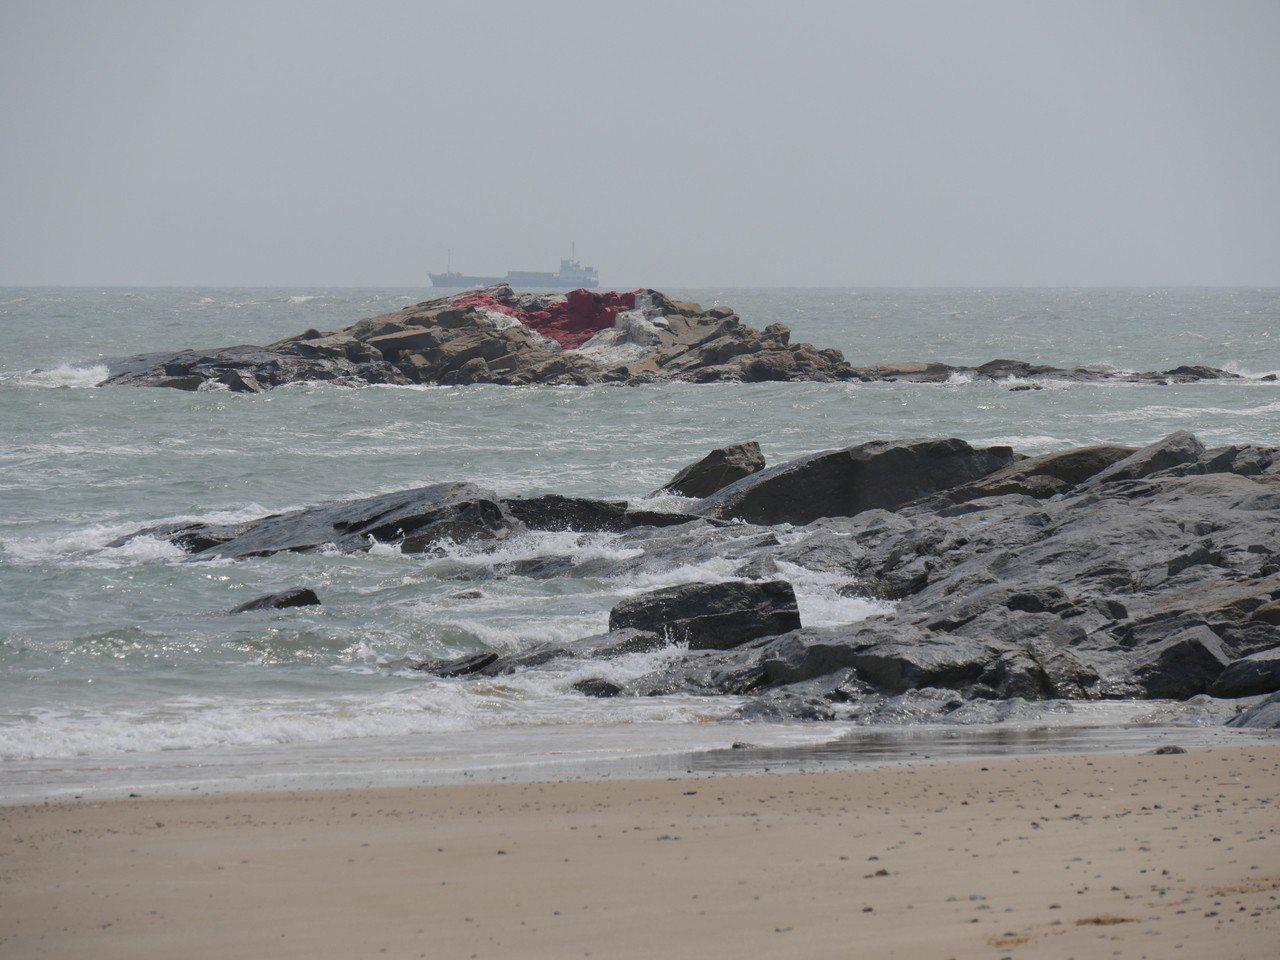 本月4日泉州港不幸發生化工原料洩漏事件,嚴重威脅當地居民生命健康與生態漁業,不少...